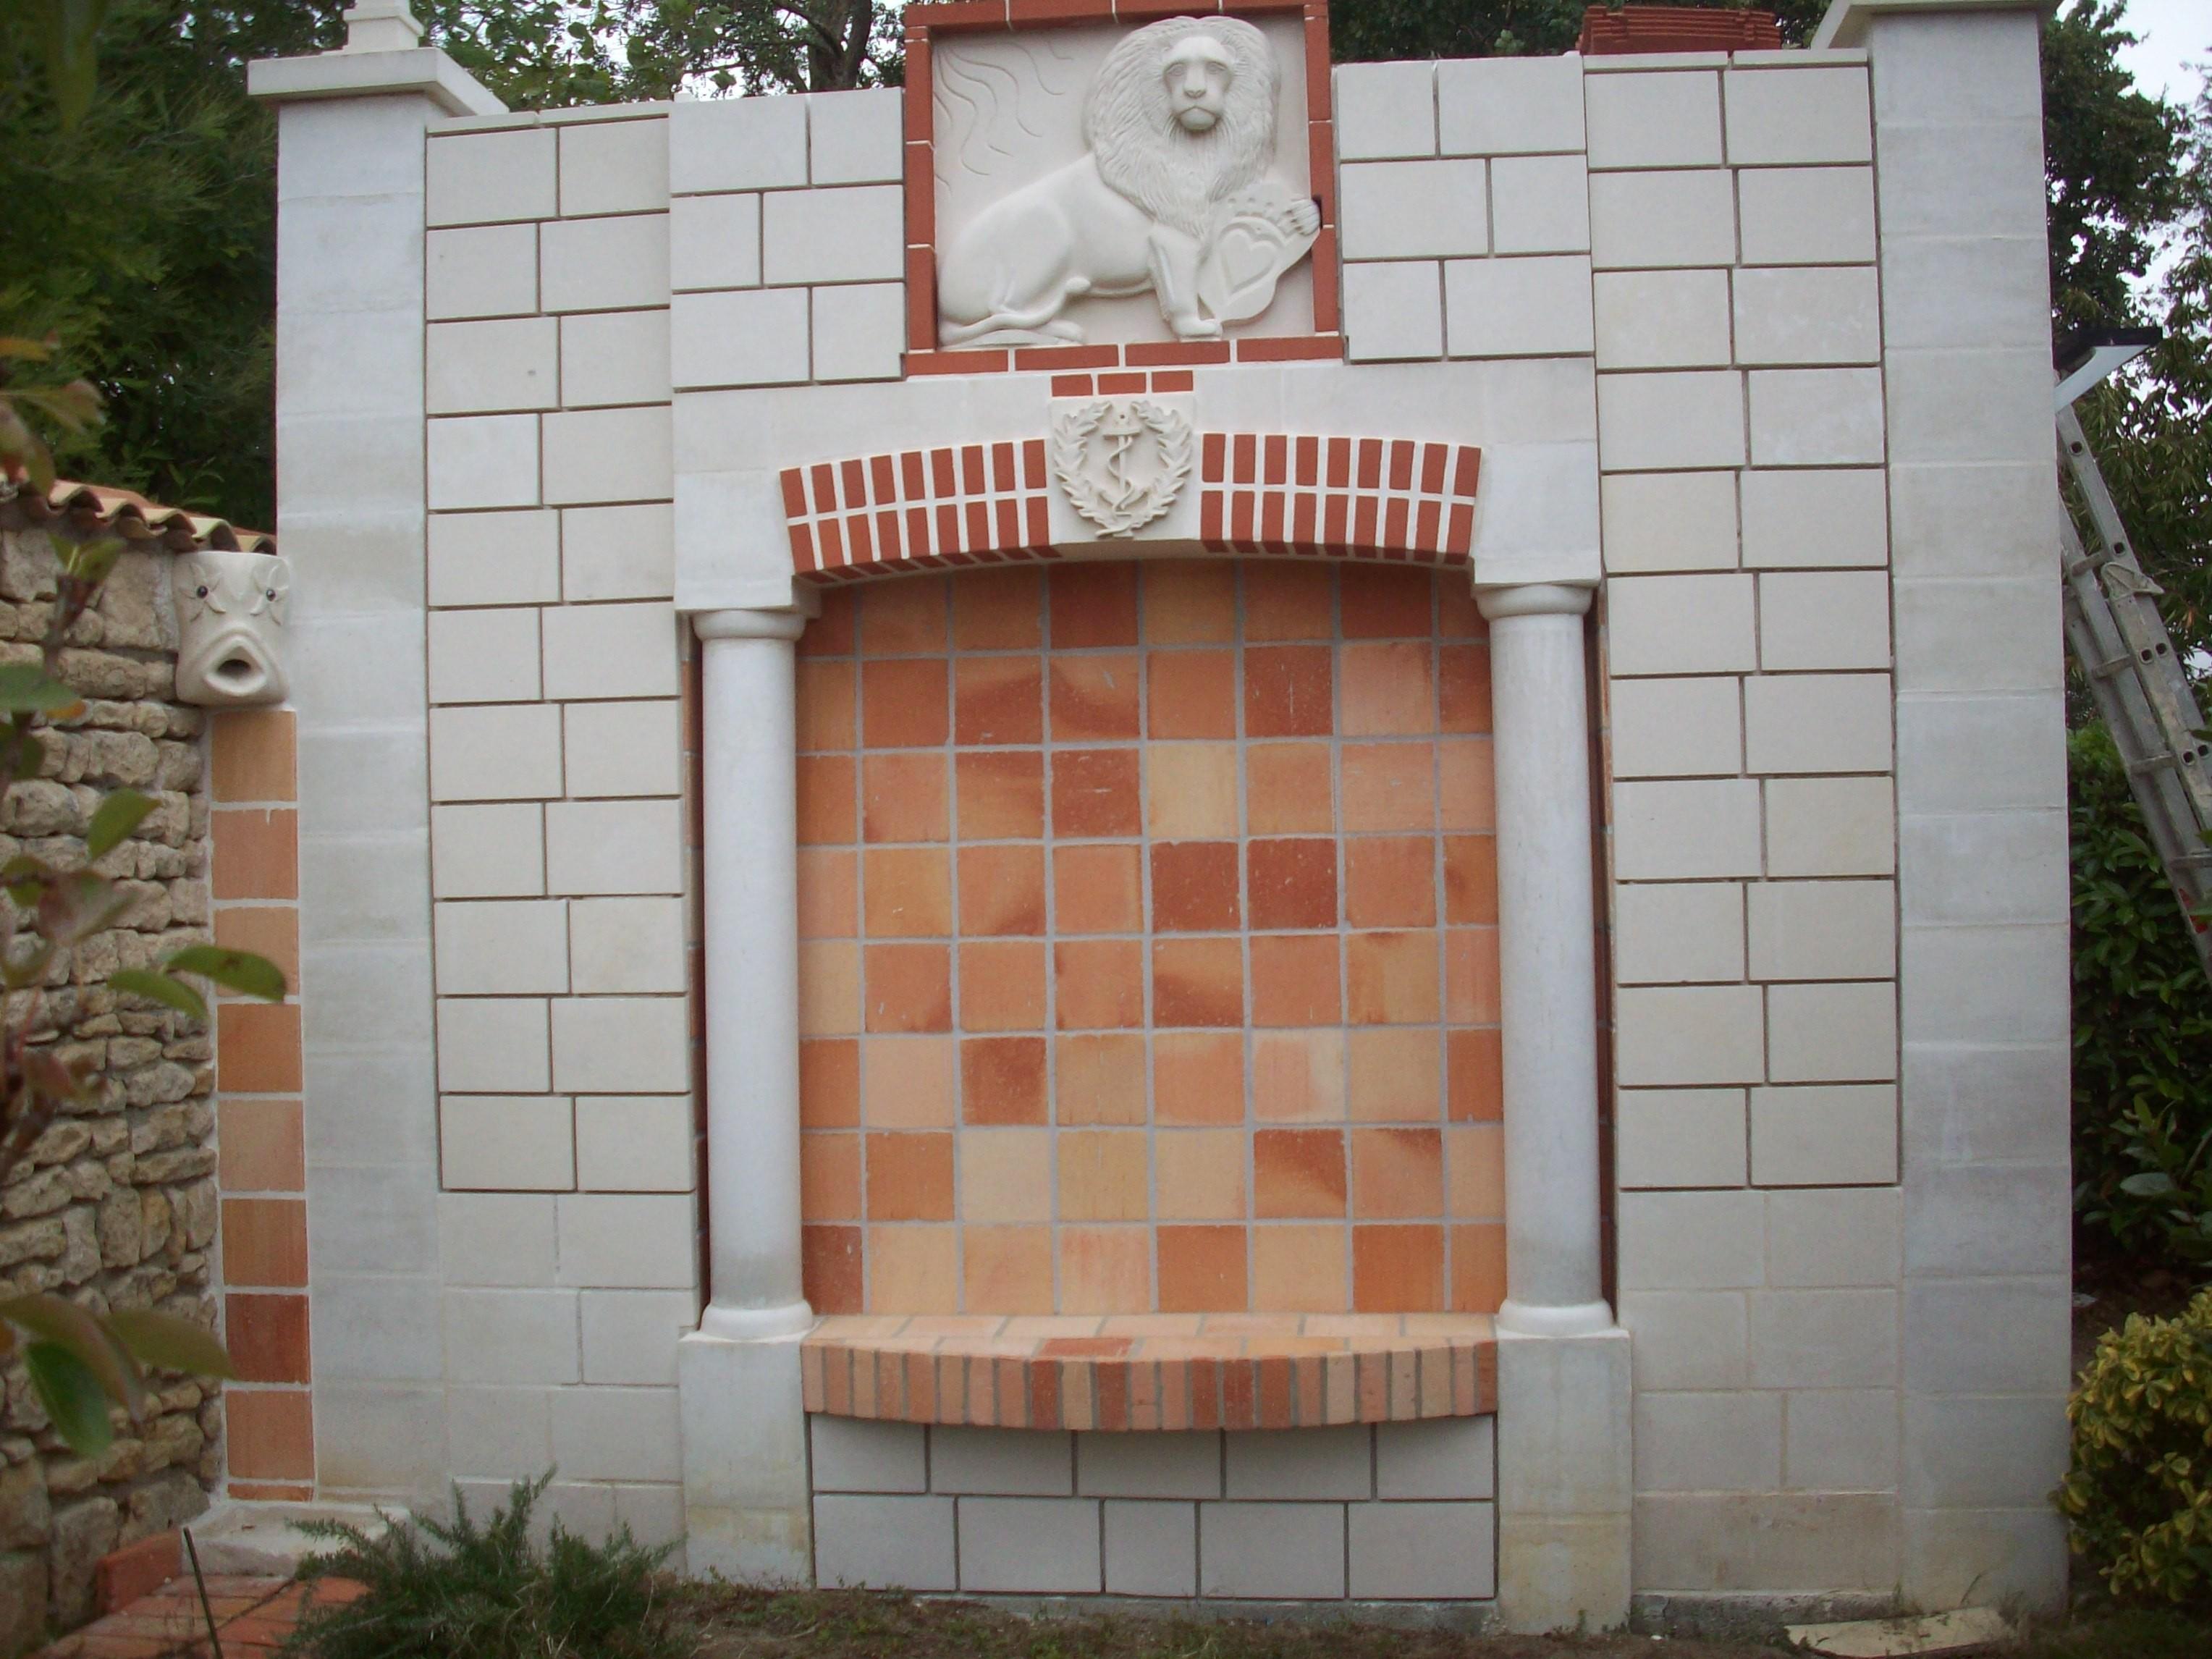 Façade ouest du bâti, sculptures et parement, reste à faire le jointage.